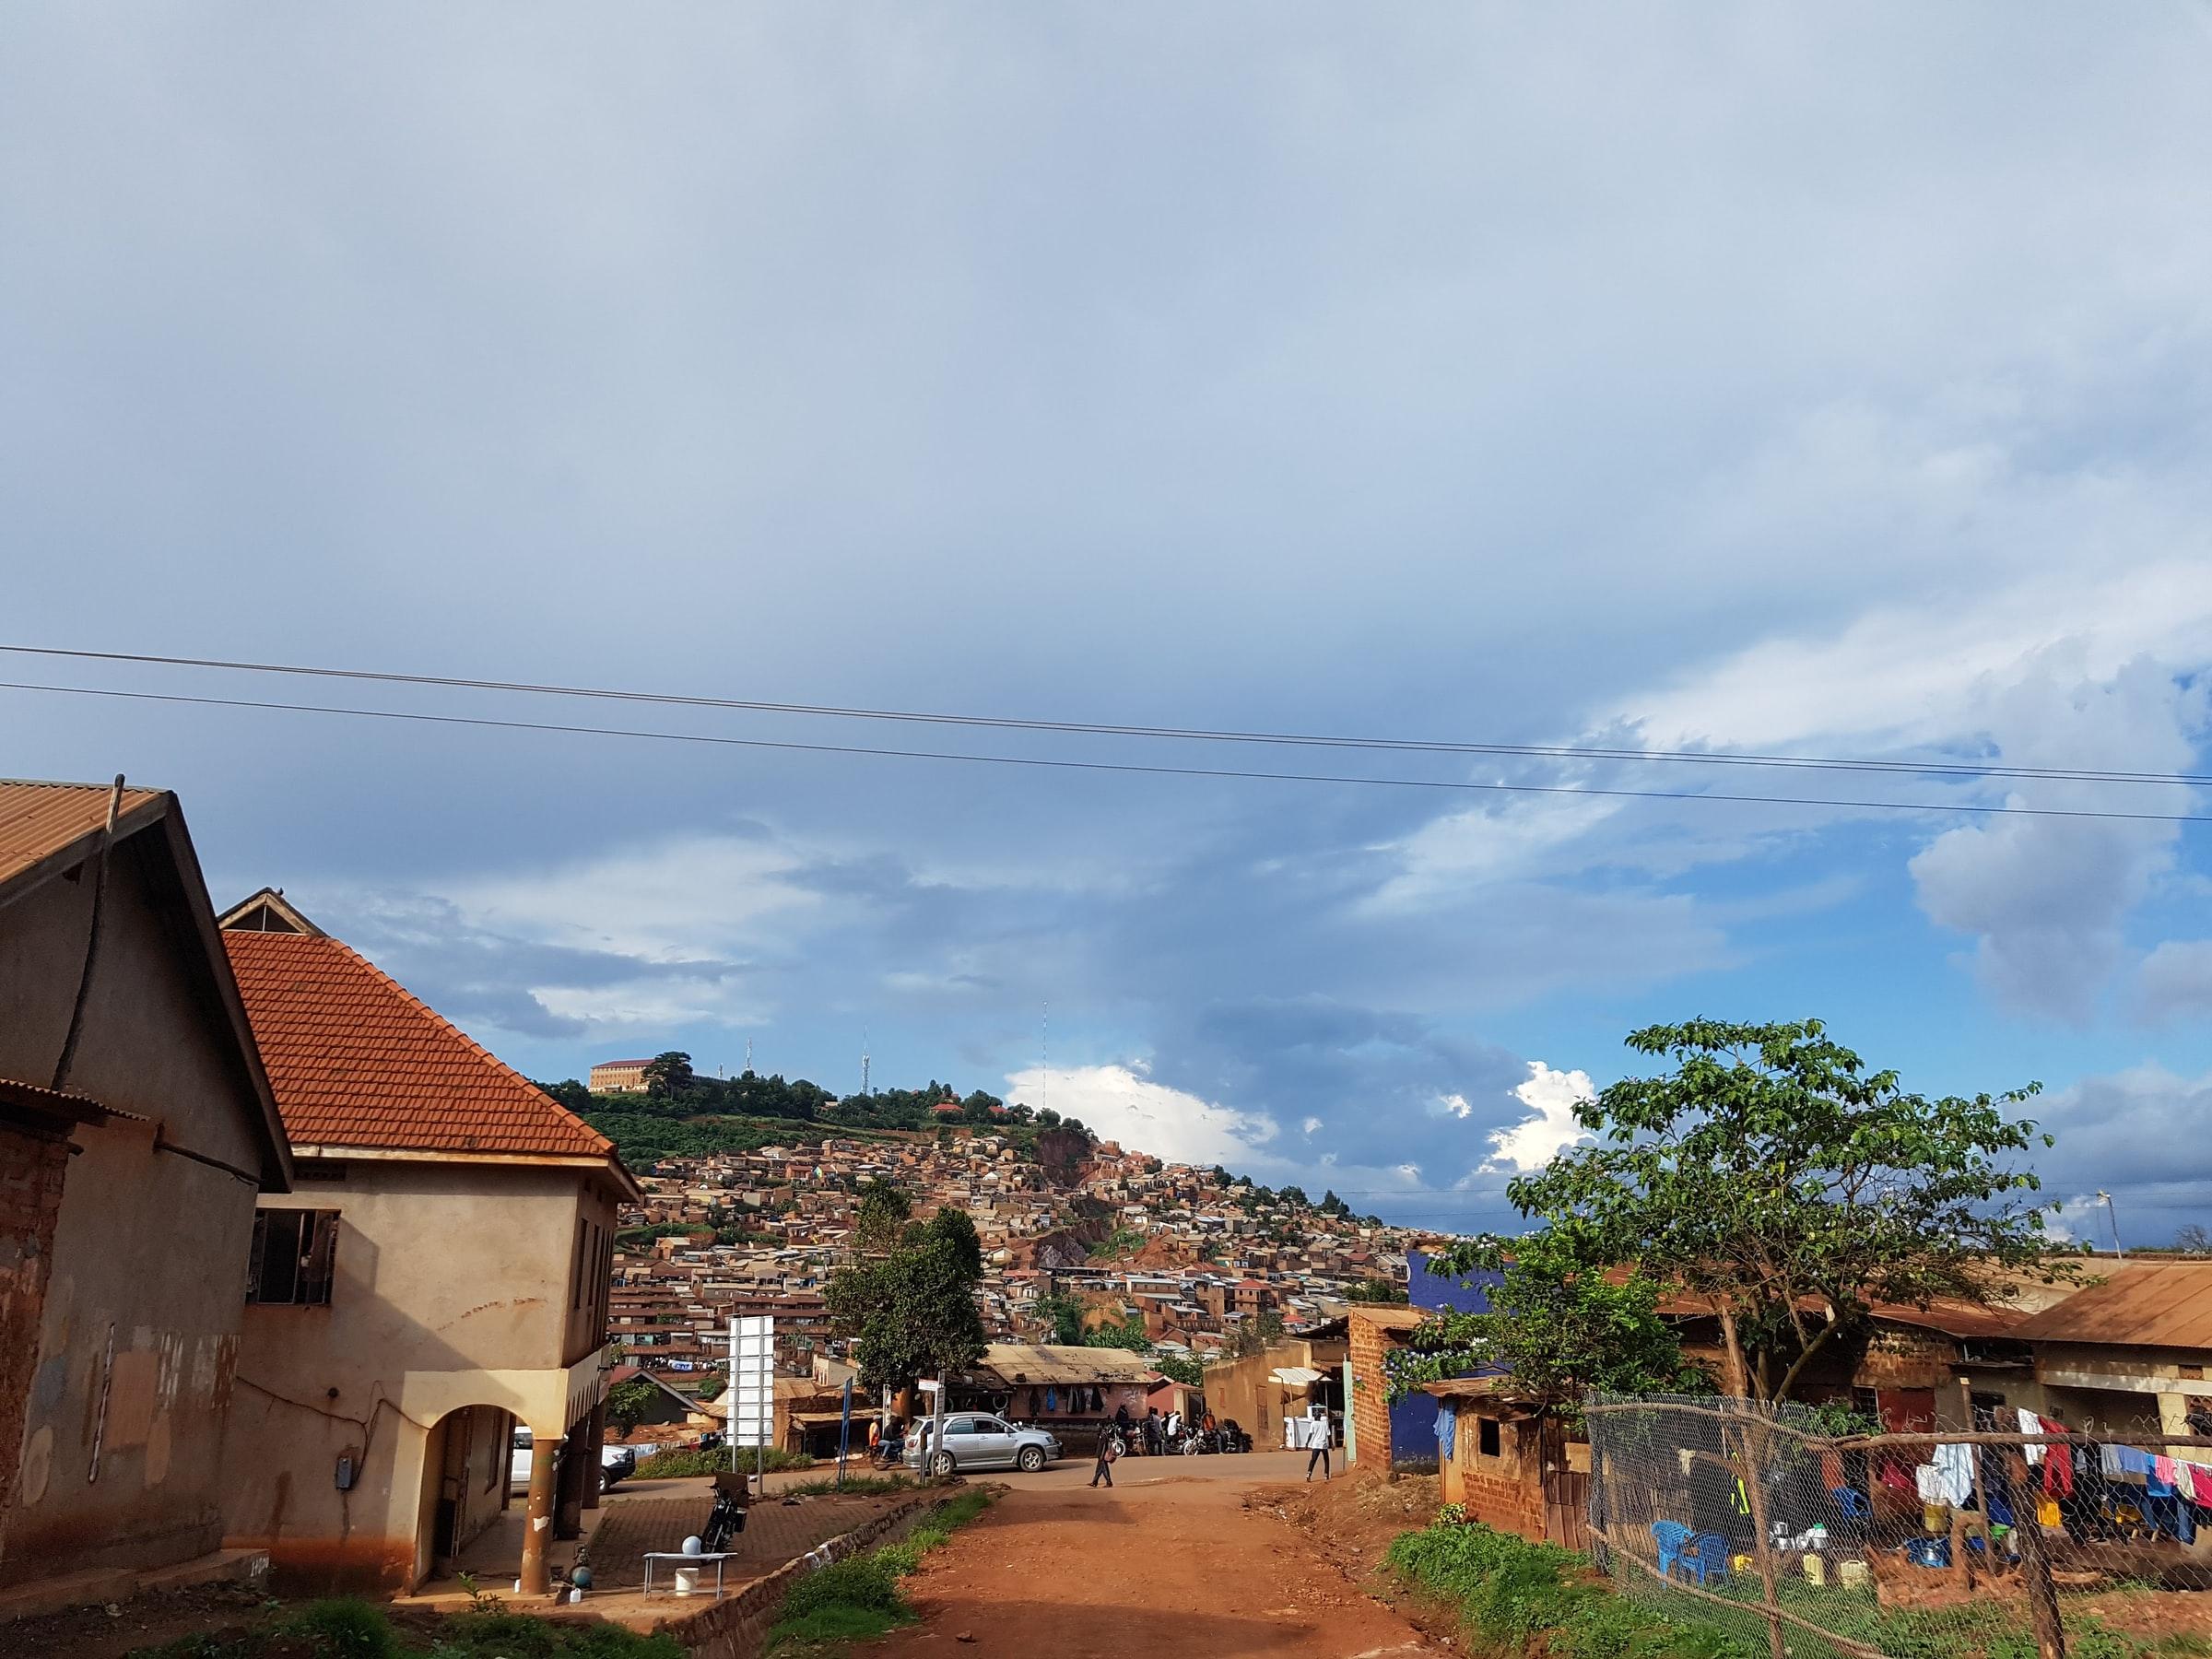 Mutungo, Uganda